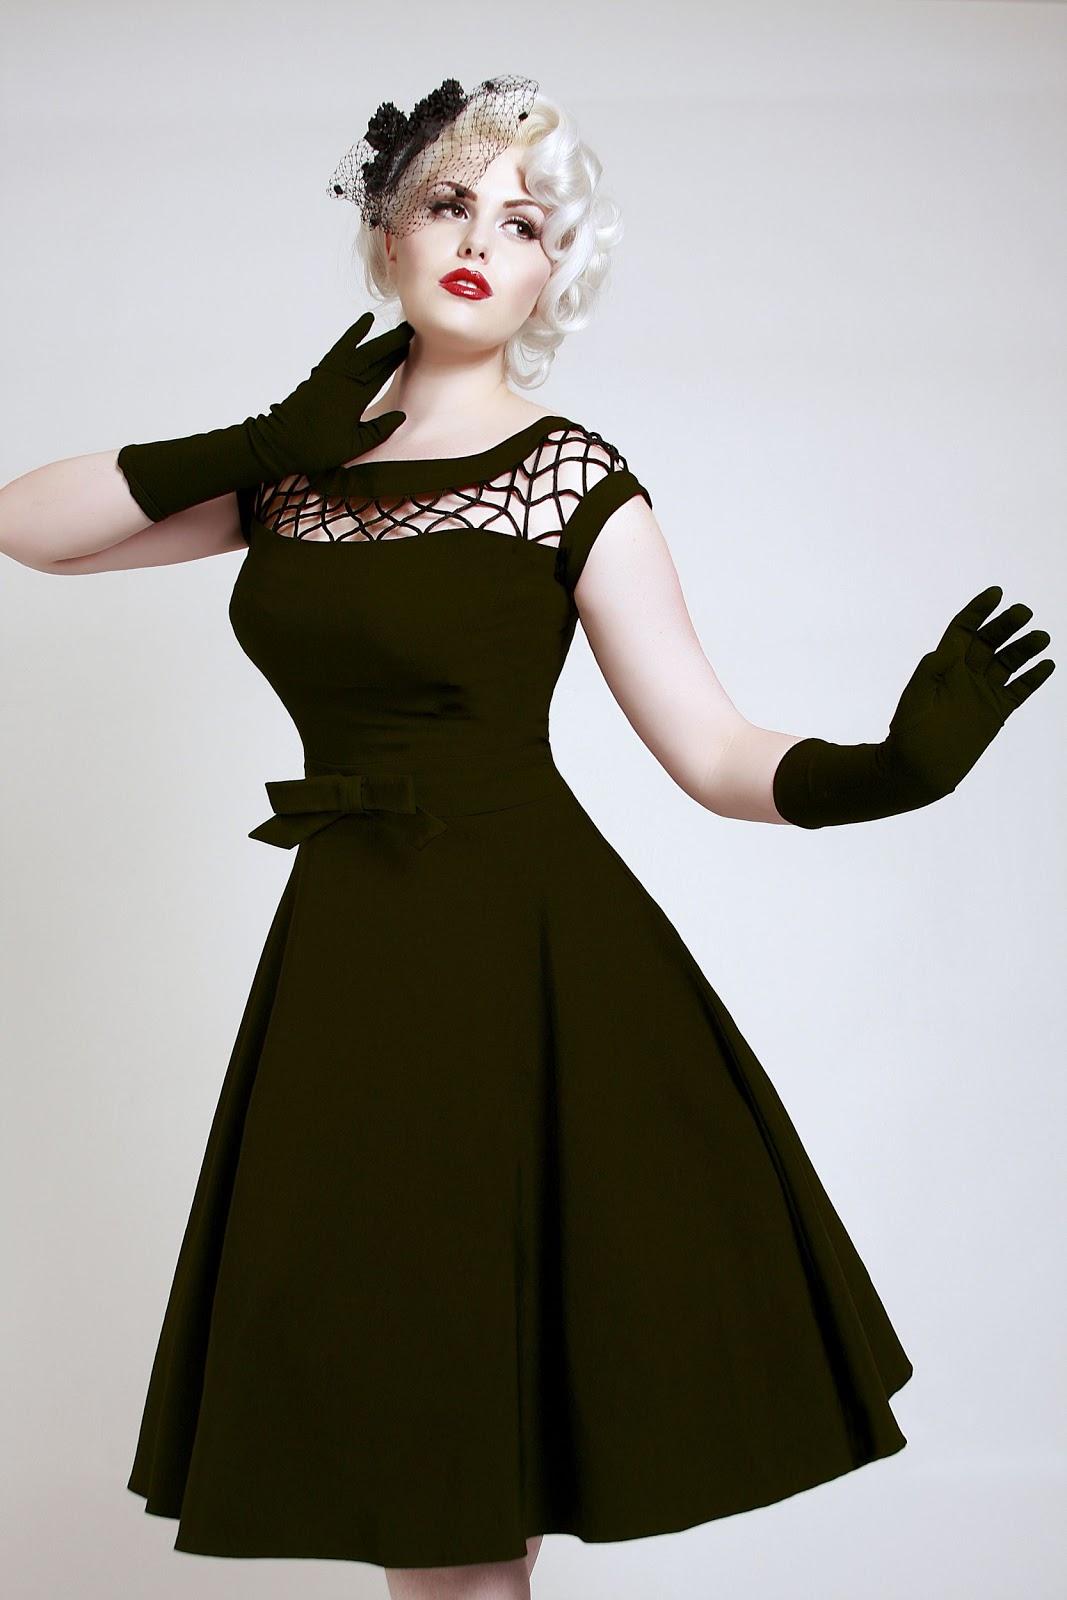 e332c6f7266b Jag blev nästan mållös när jag såg denna klänning hos Bettie Page Clothing.  Så underbart vacker! Nog skulle man ju känna sig lite extra glamorös om man  gick ...